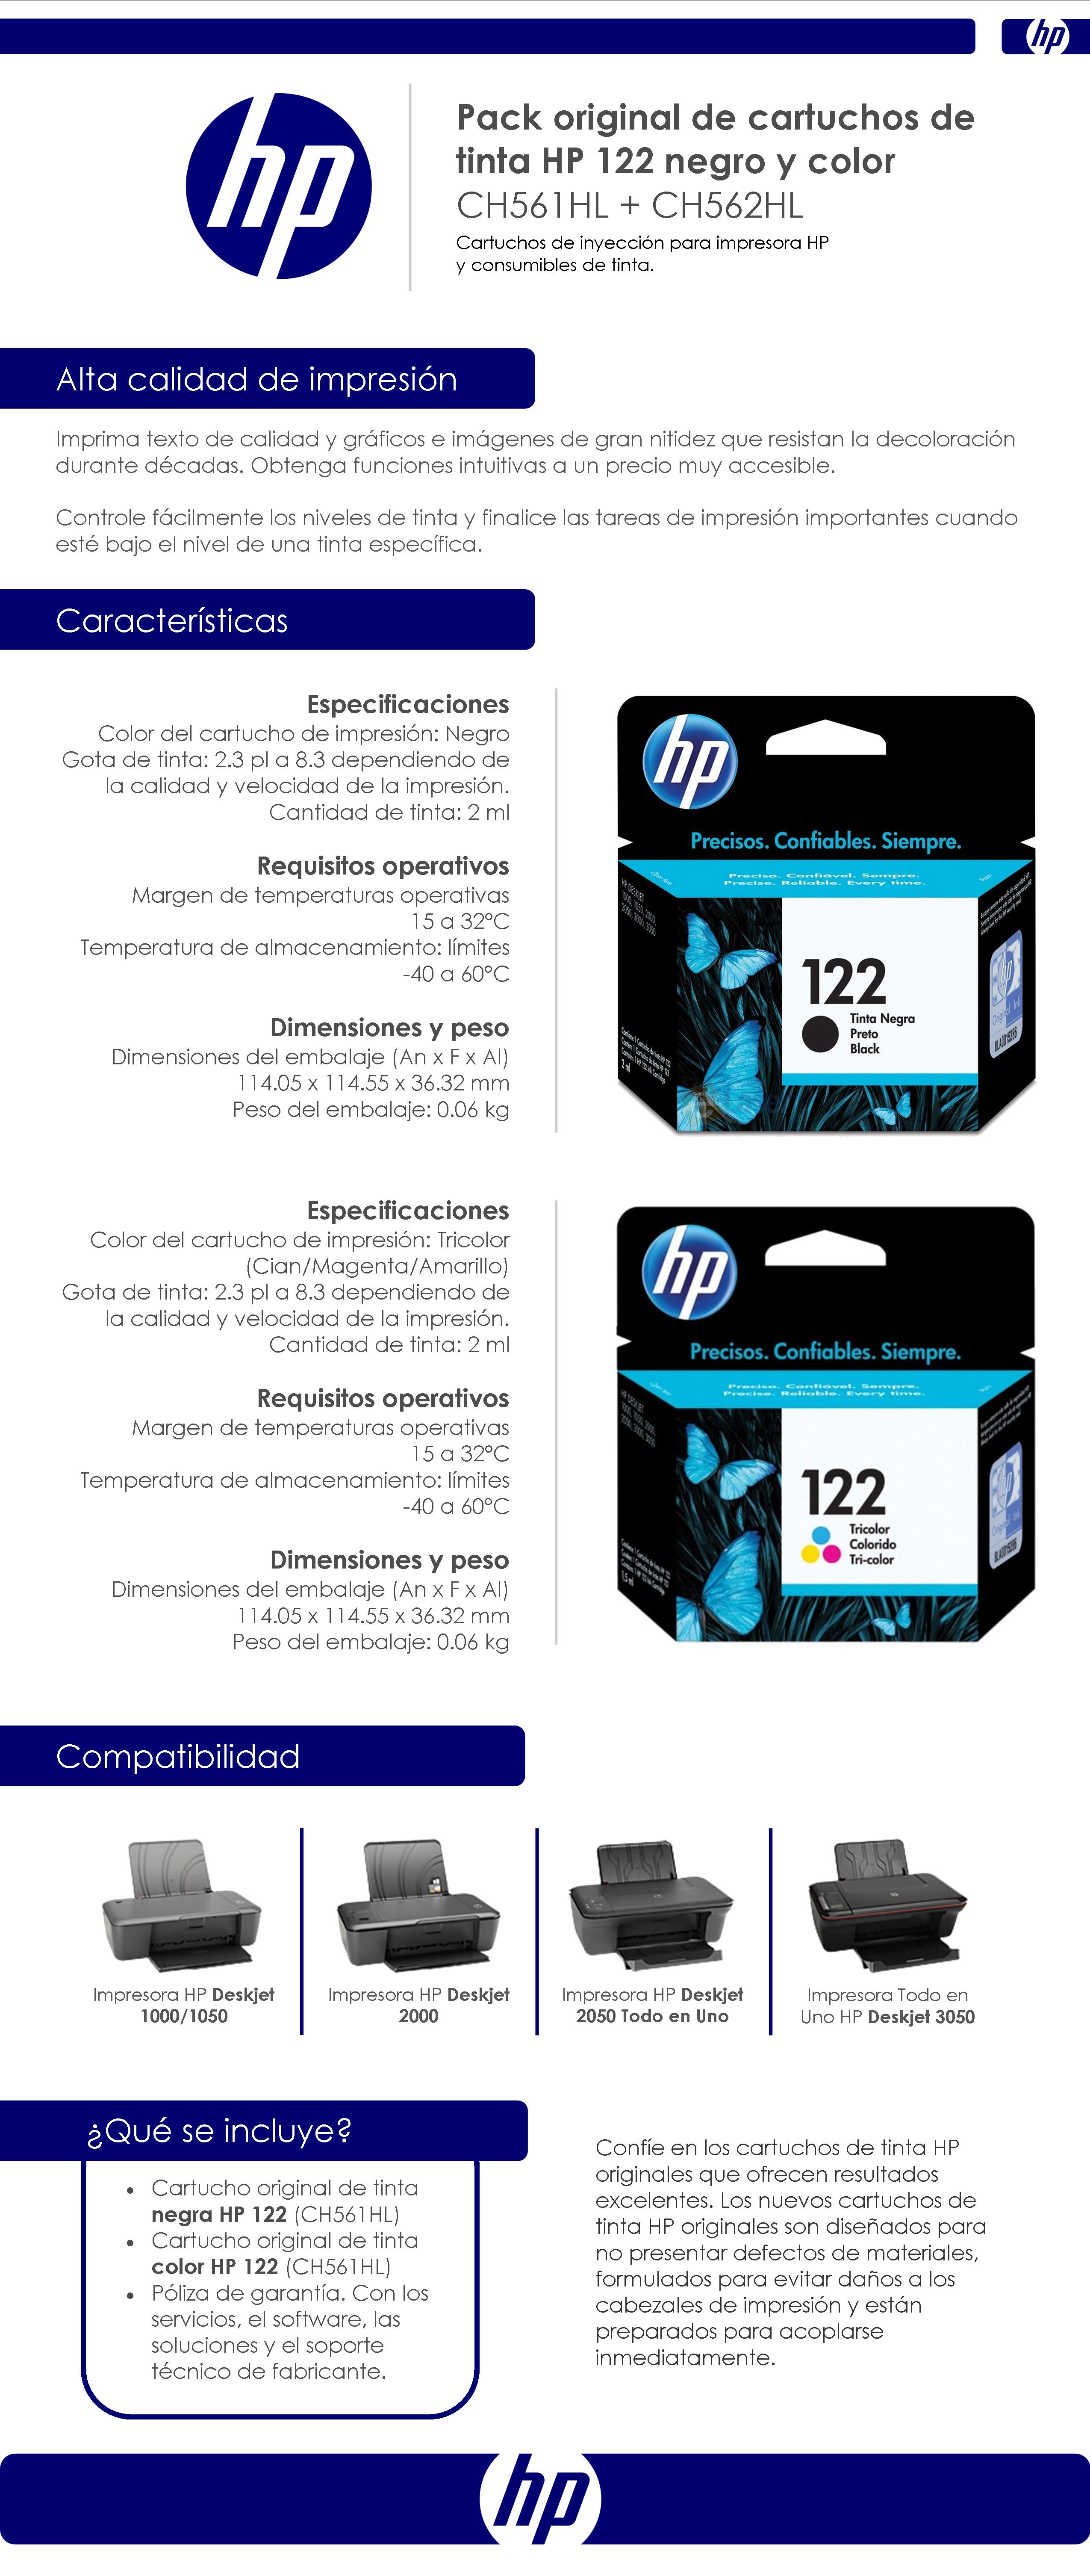 Pack Original De Cartuchos De Tinta HP 122 Negro y Color